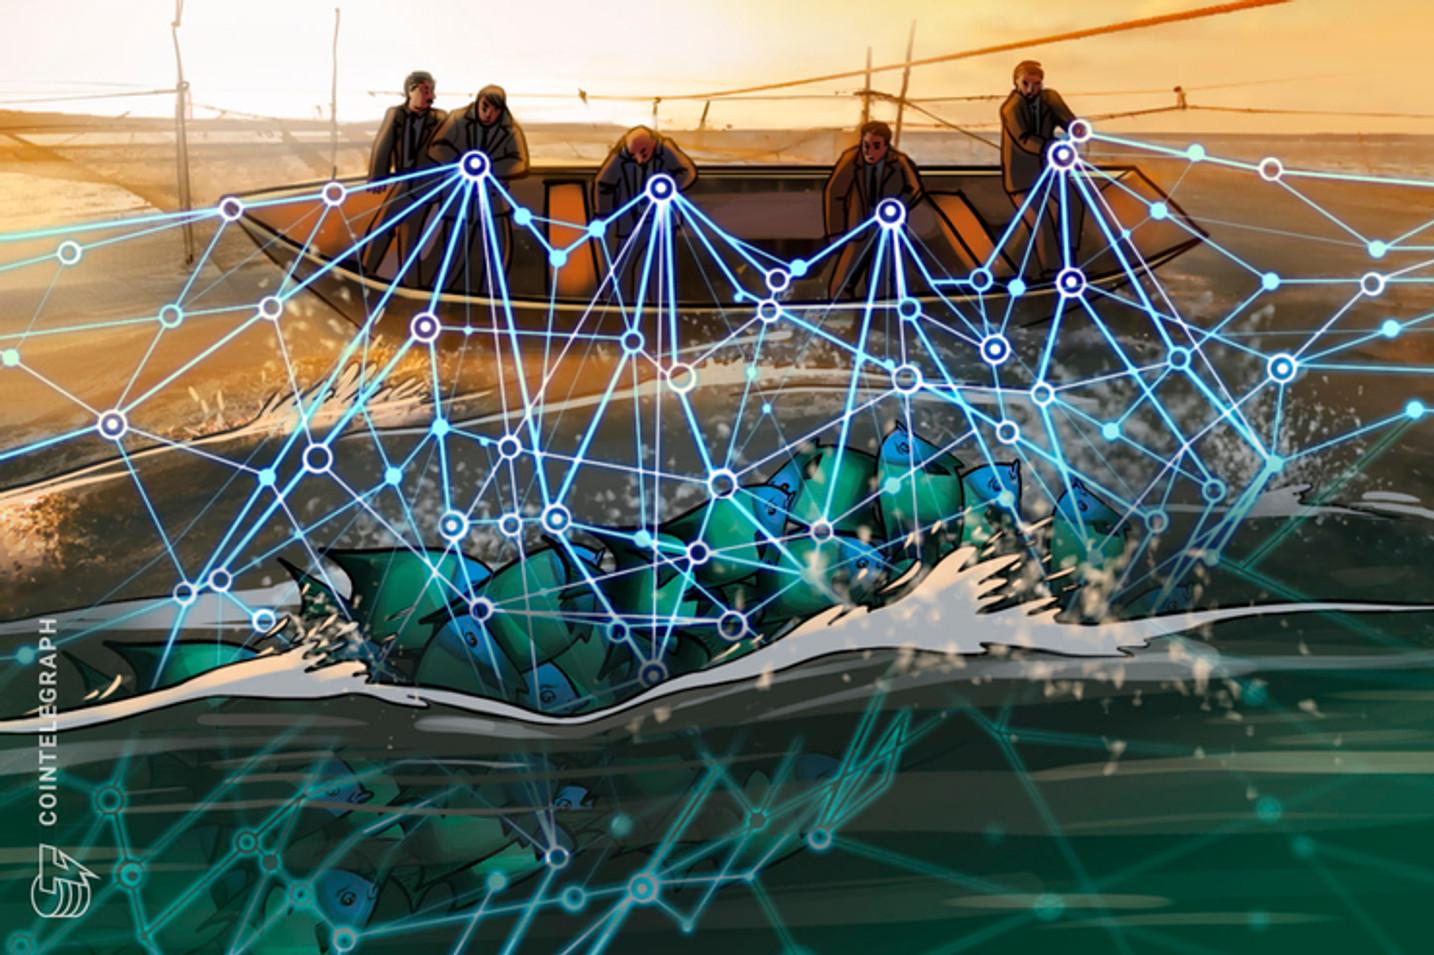 Proyecto europeo Surefish utilizará blockchain para la trazabilidad de pescado